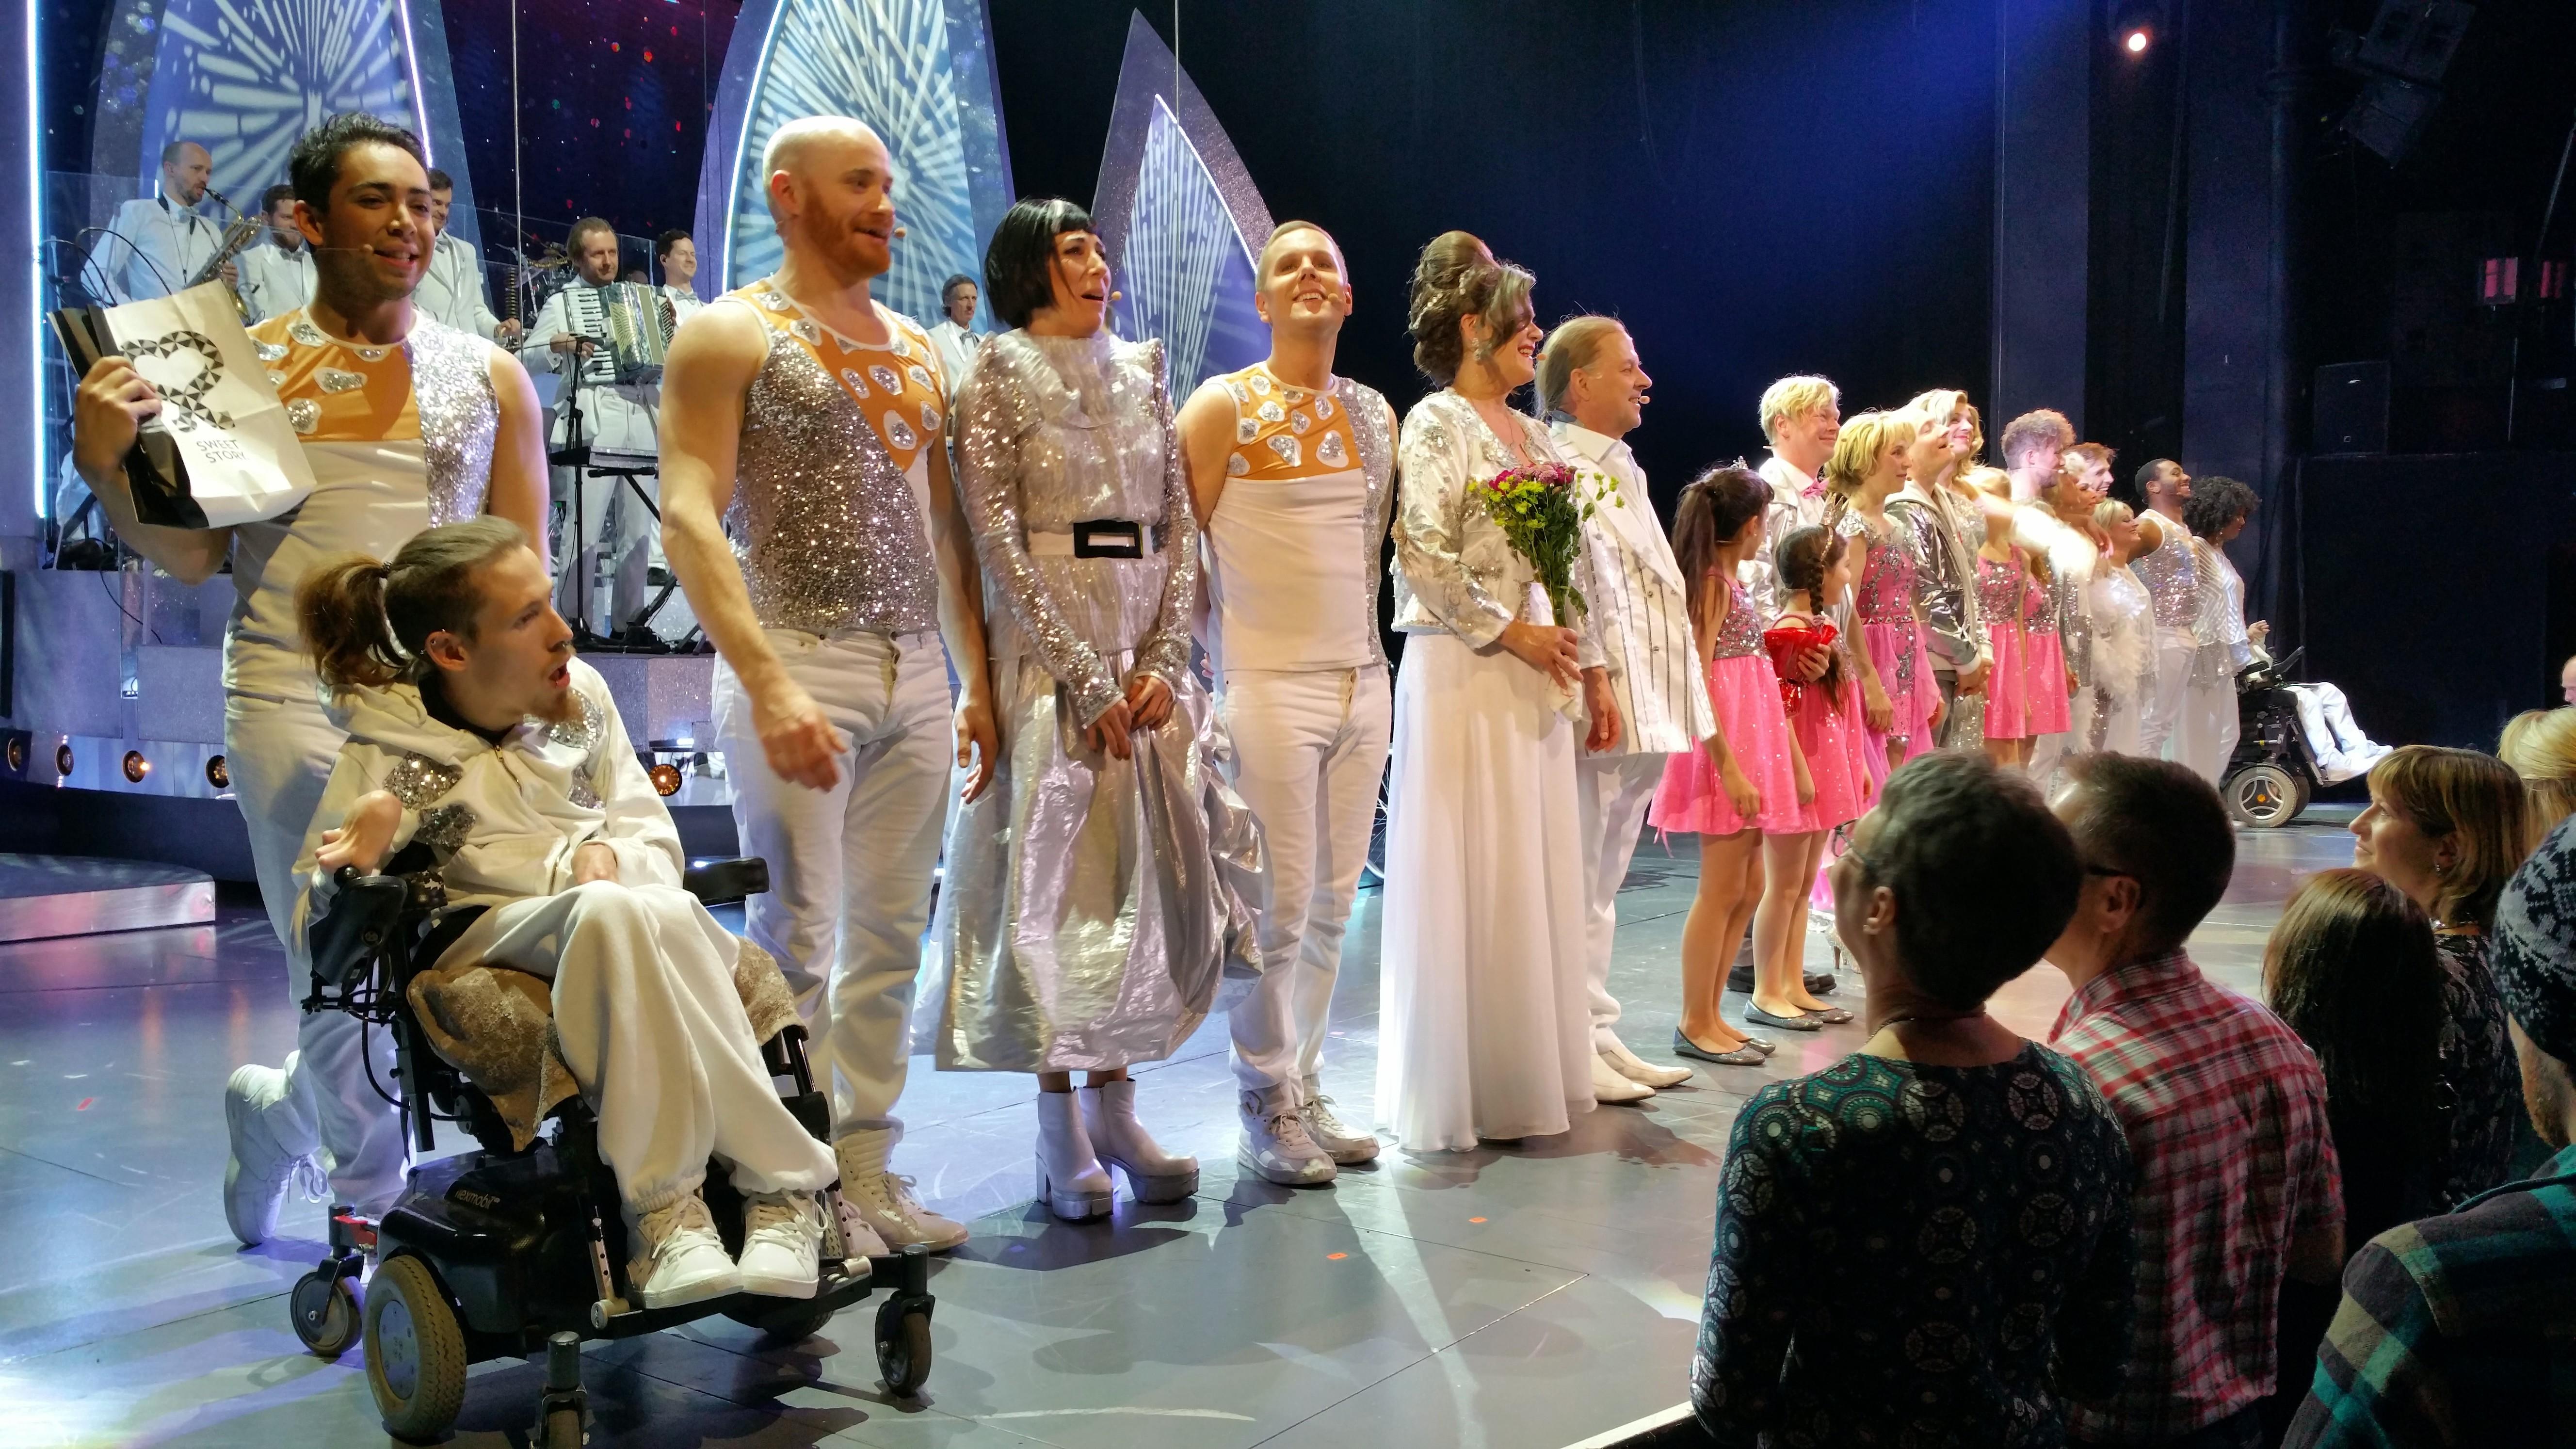 Wallenrud ser: Livet är en schlager på Cirkus